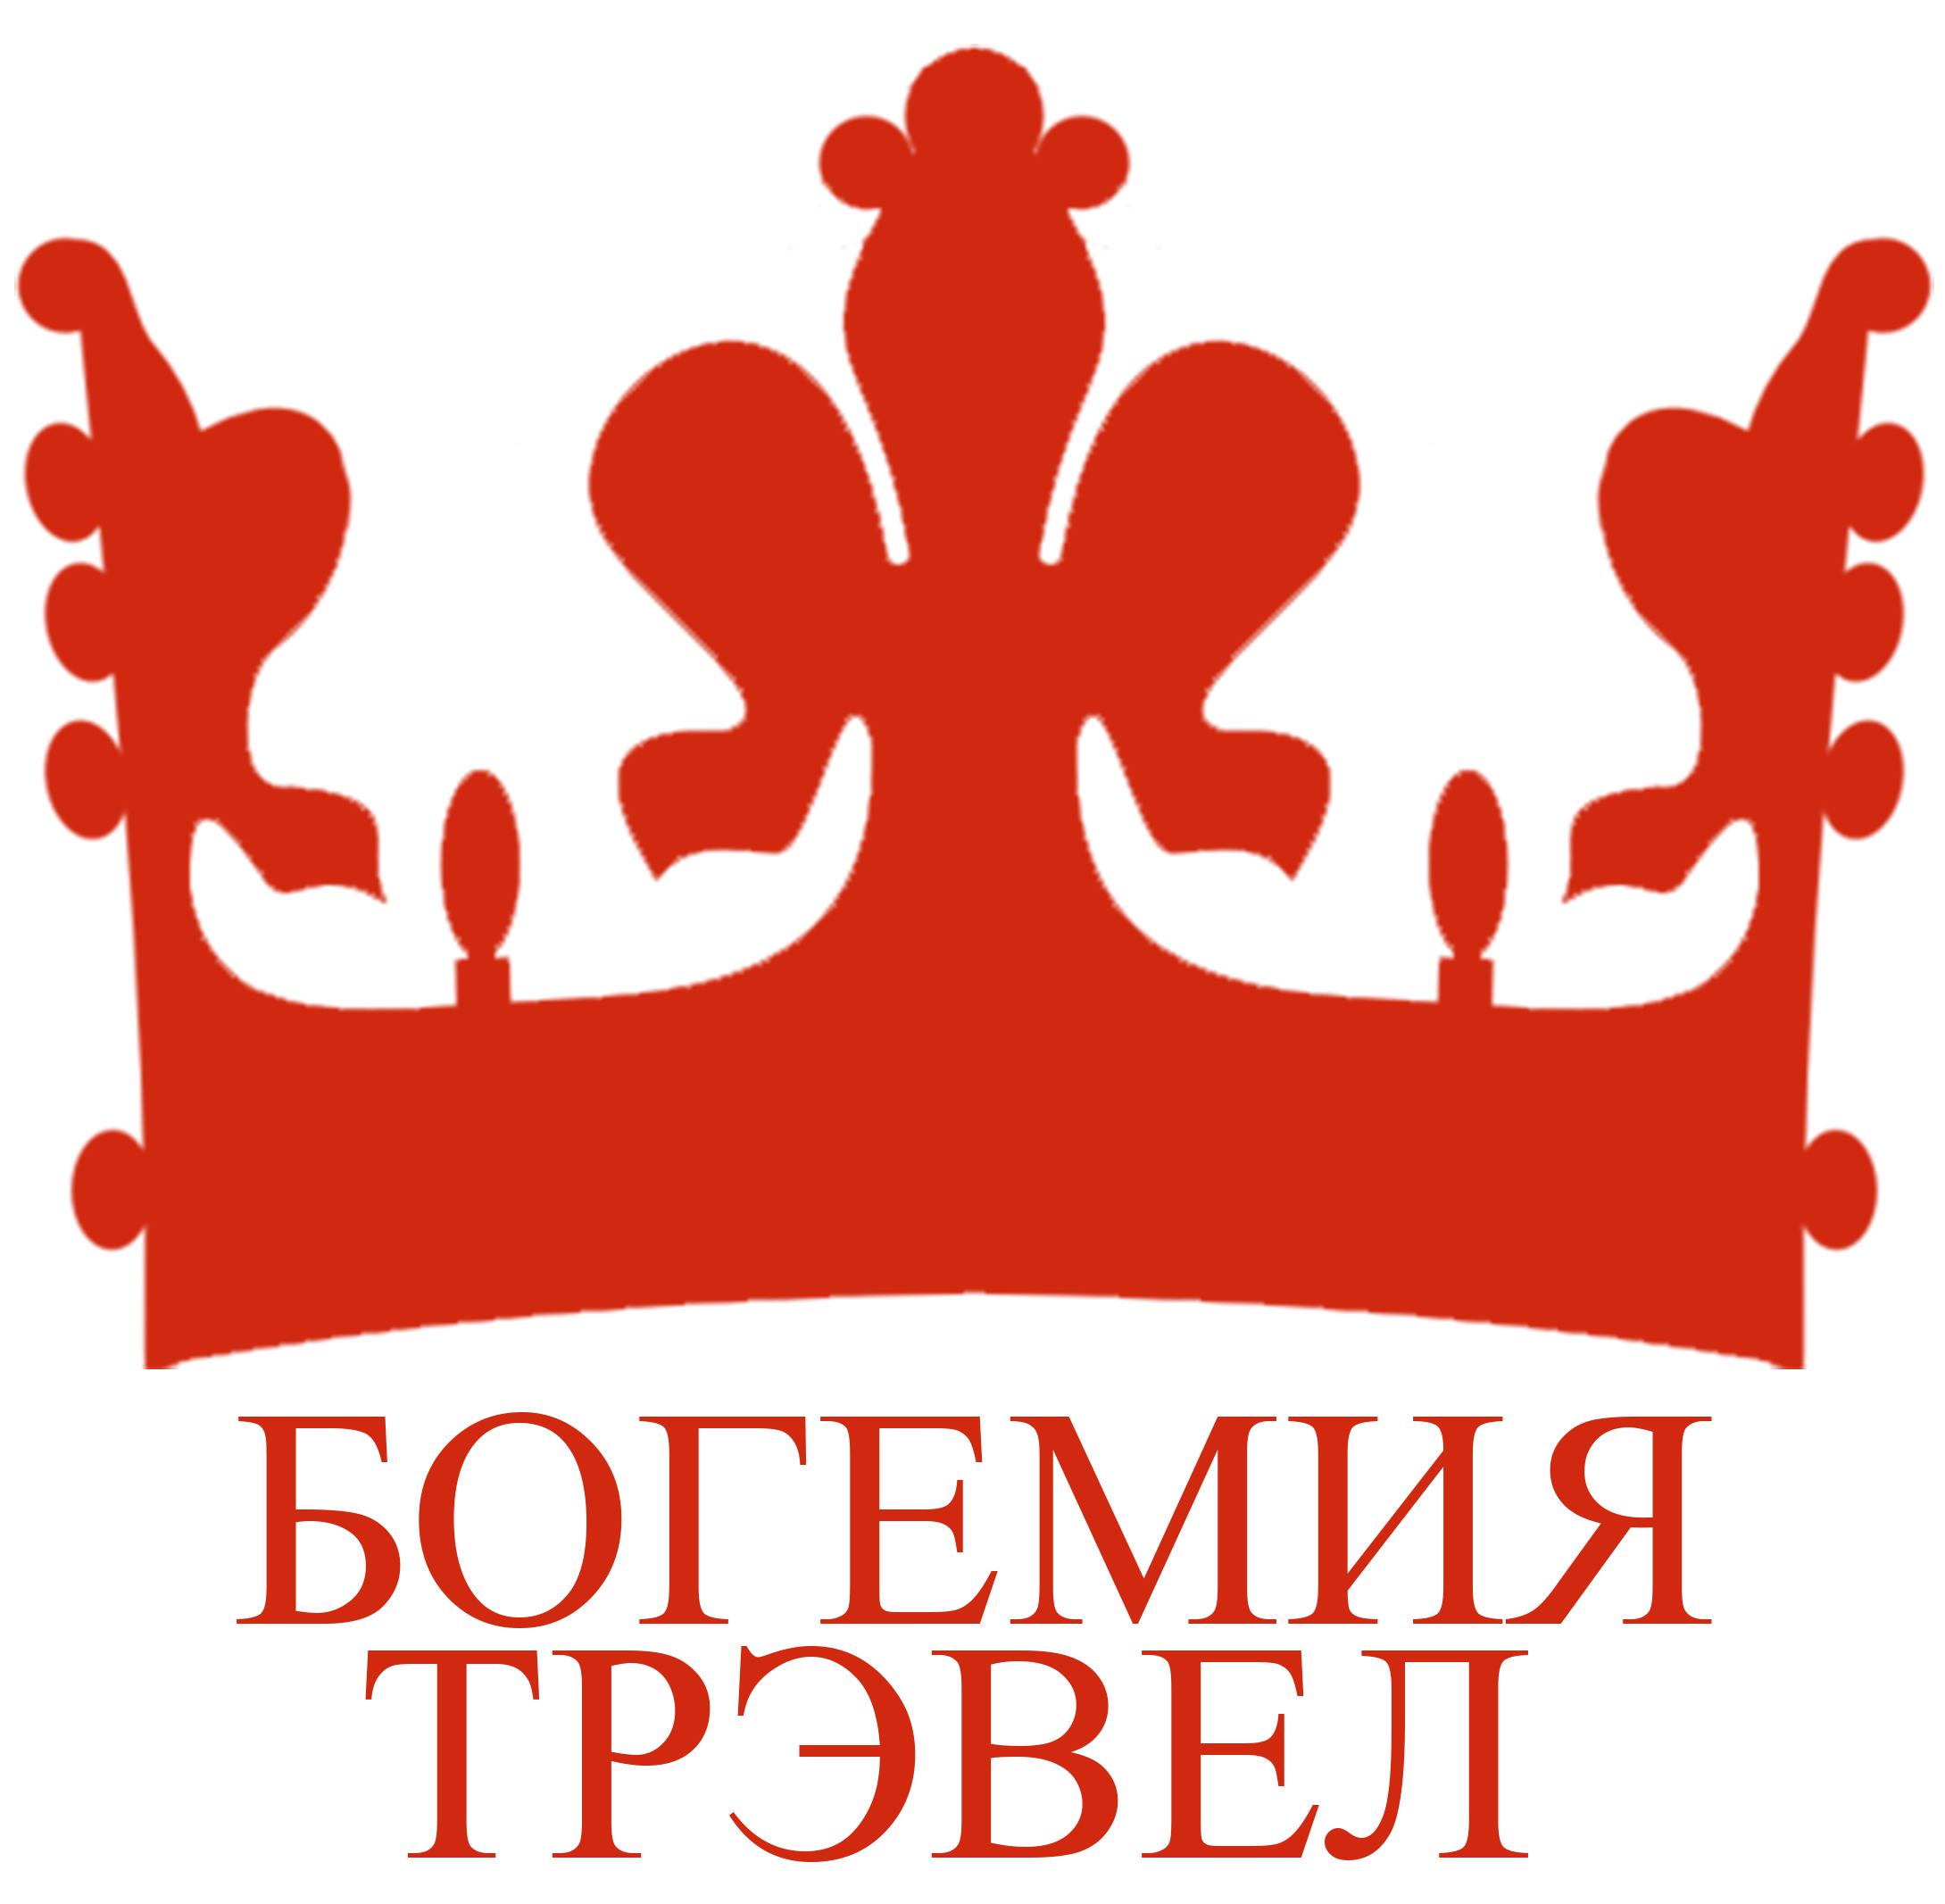 Краков - Величка и Краков - Освенцим - Величка от 156 руб.*/ от 4 дней